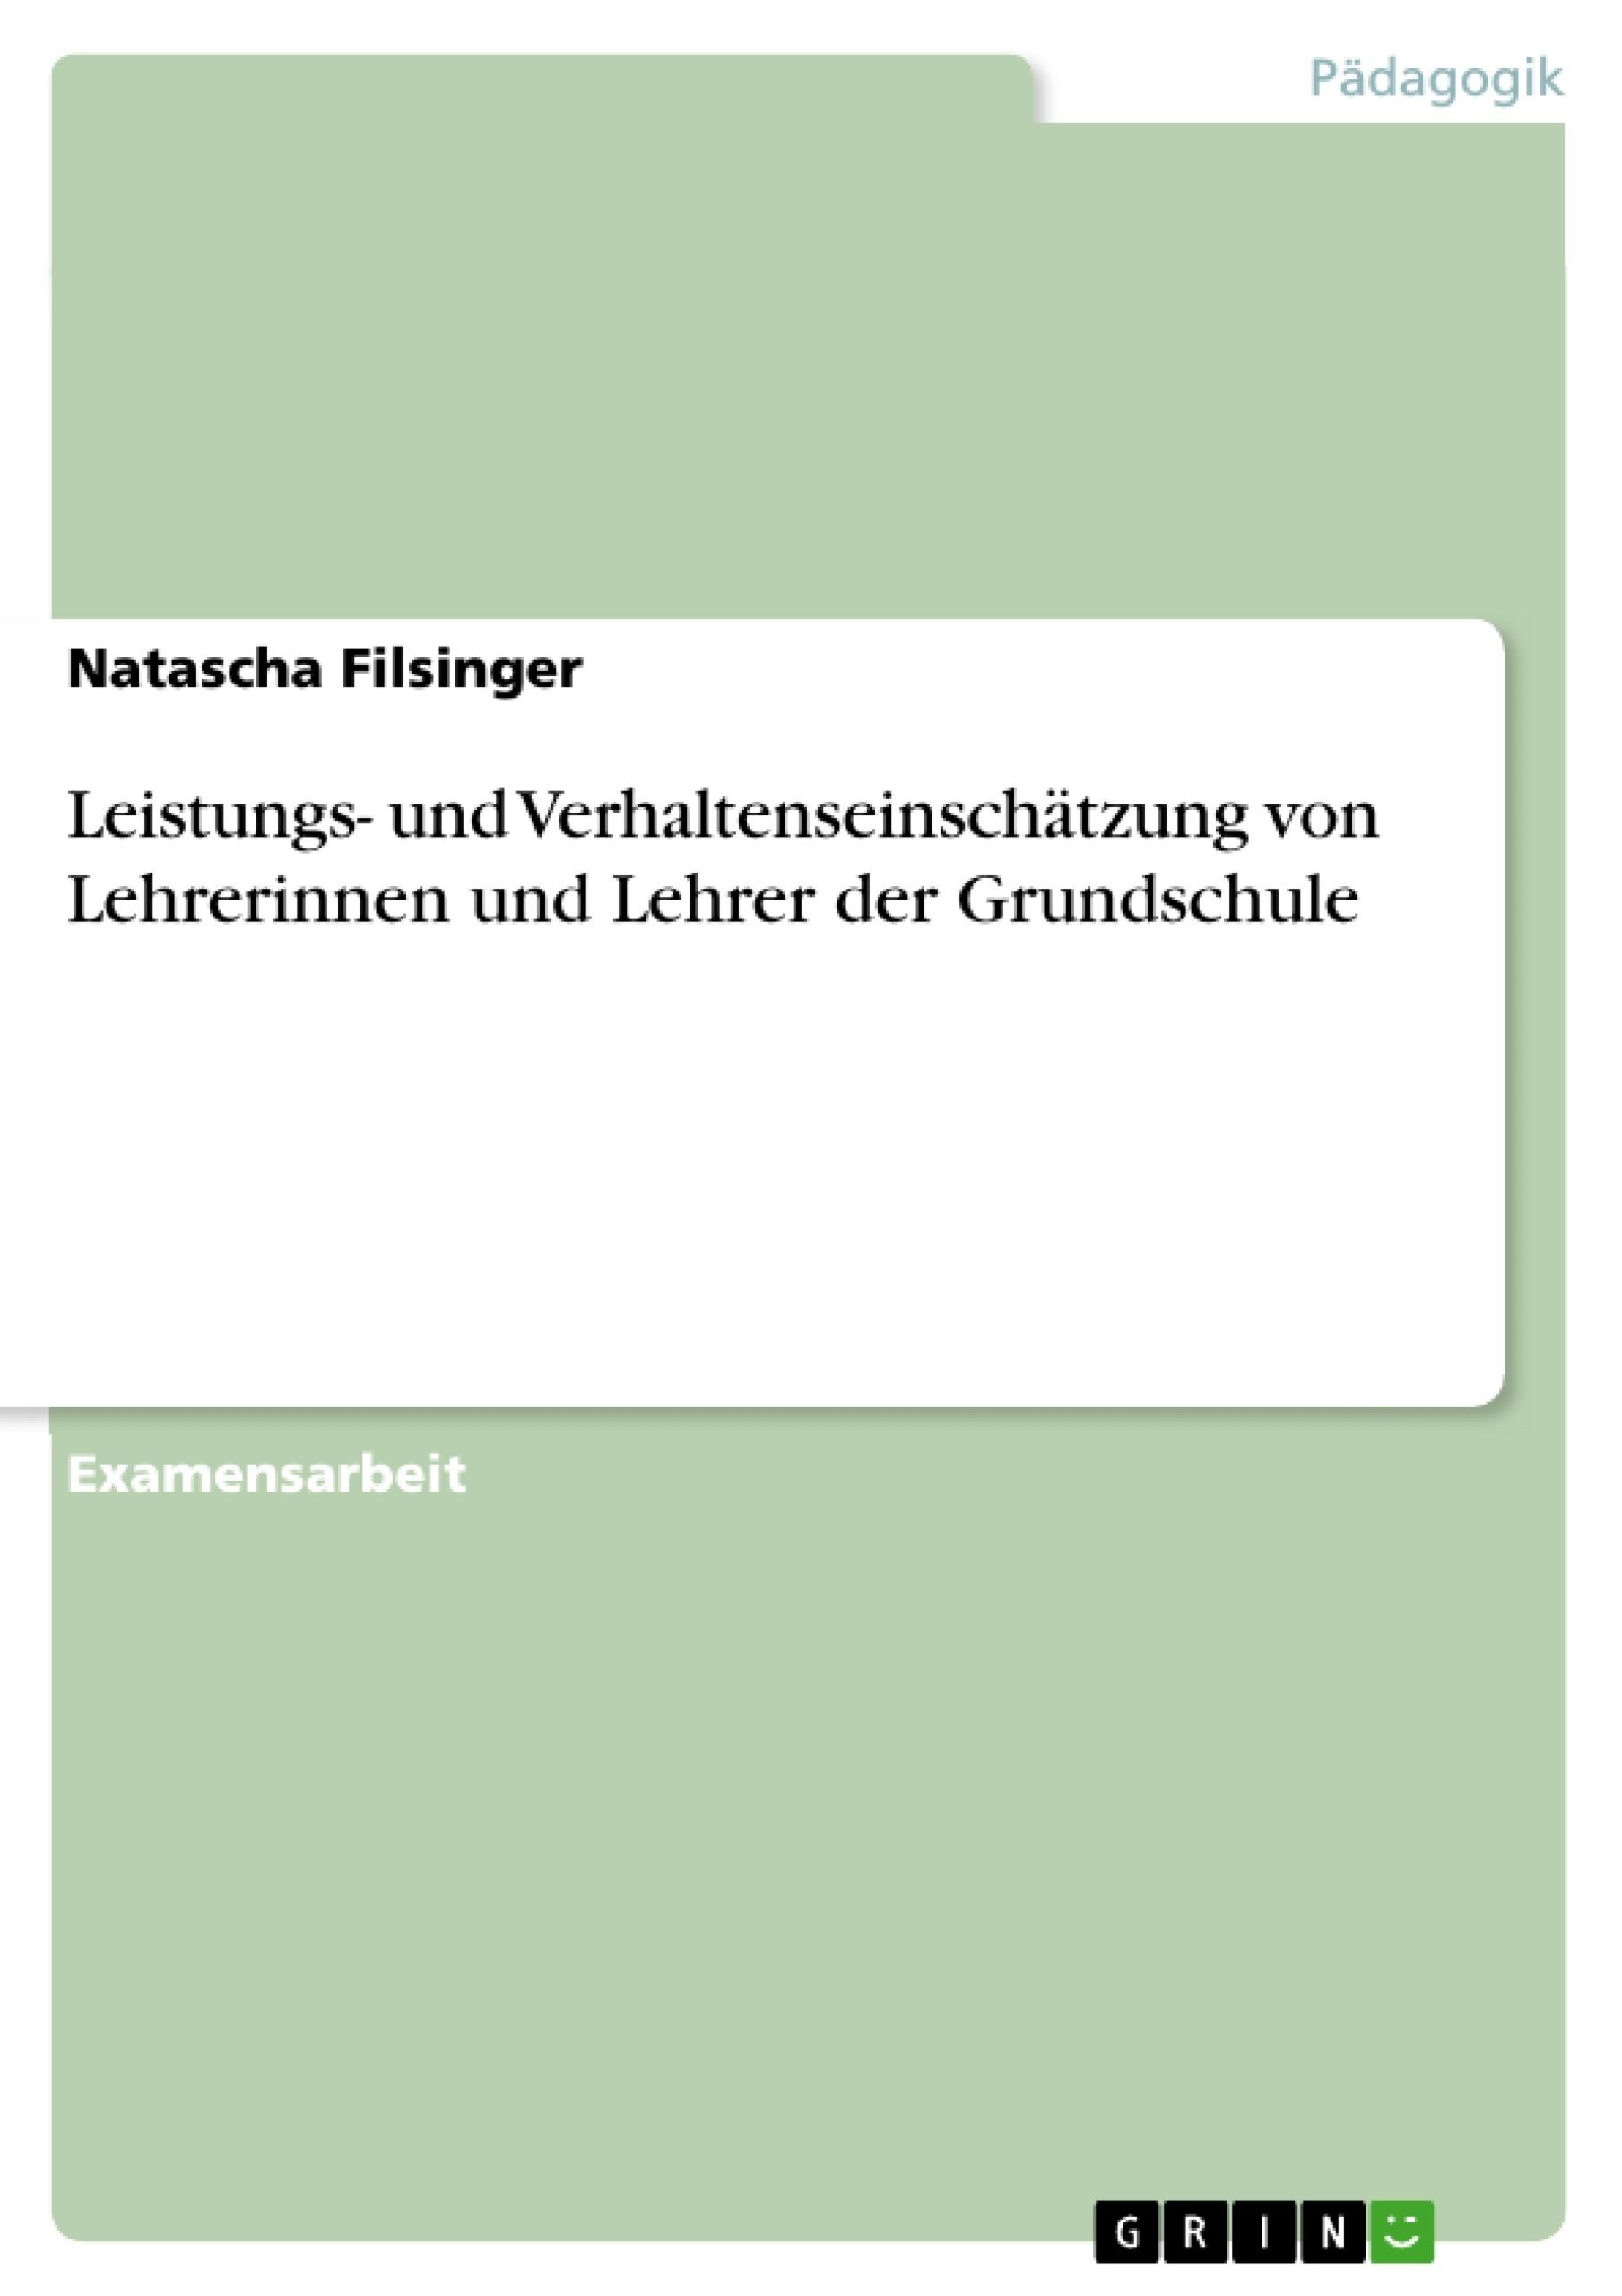 Titel: Leistungs- und Verhaltenseinschätzung von Lehrerinnen und Lehrer der Grundschule